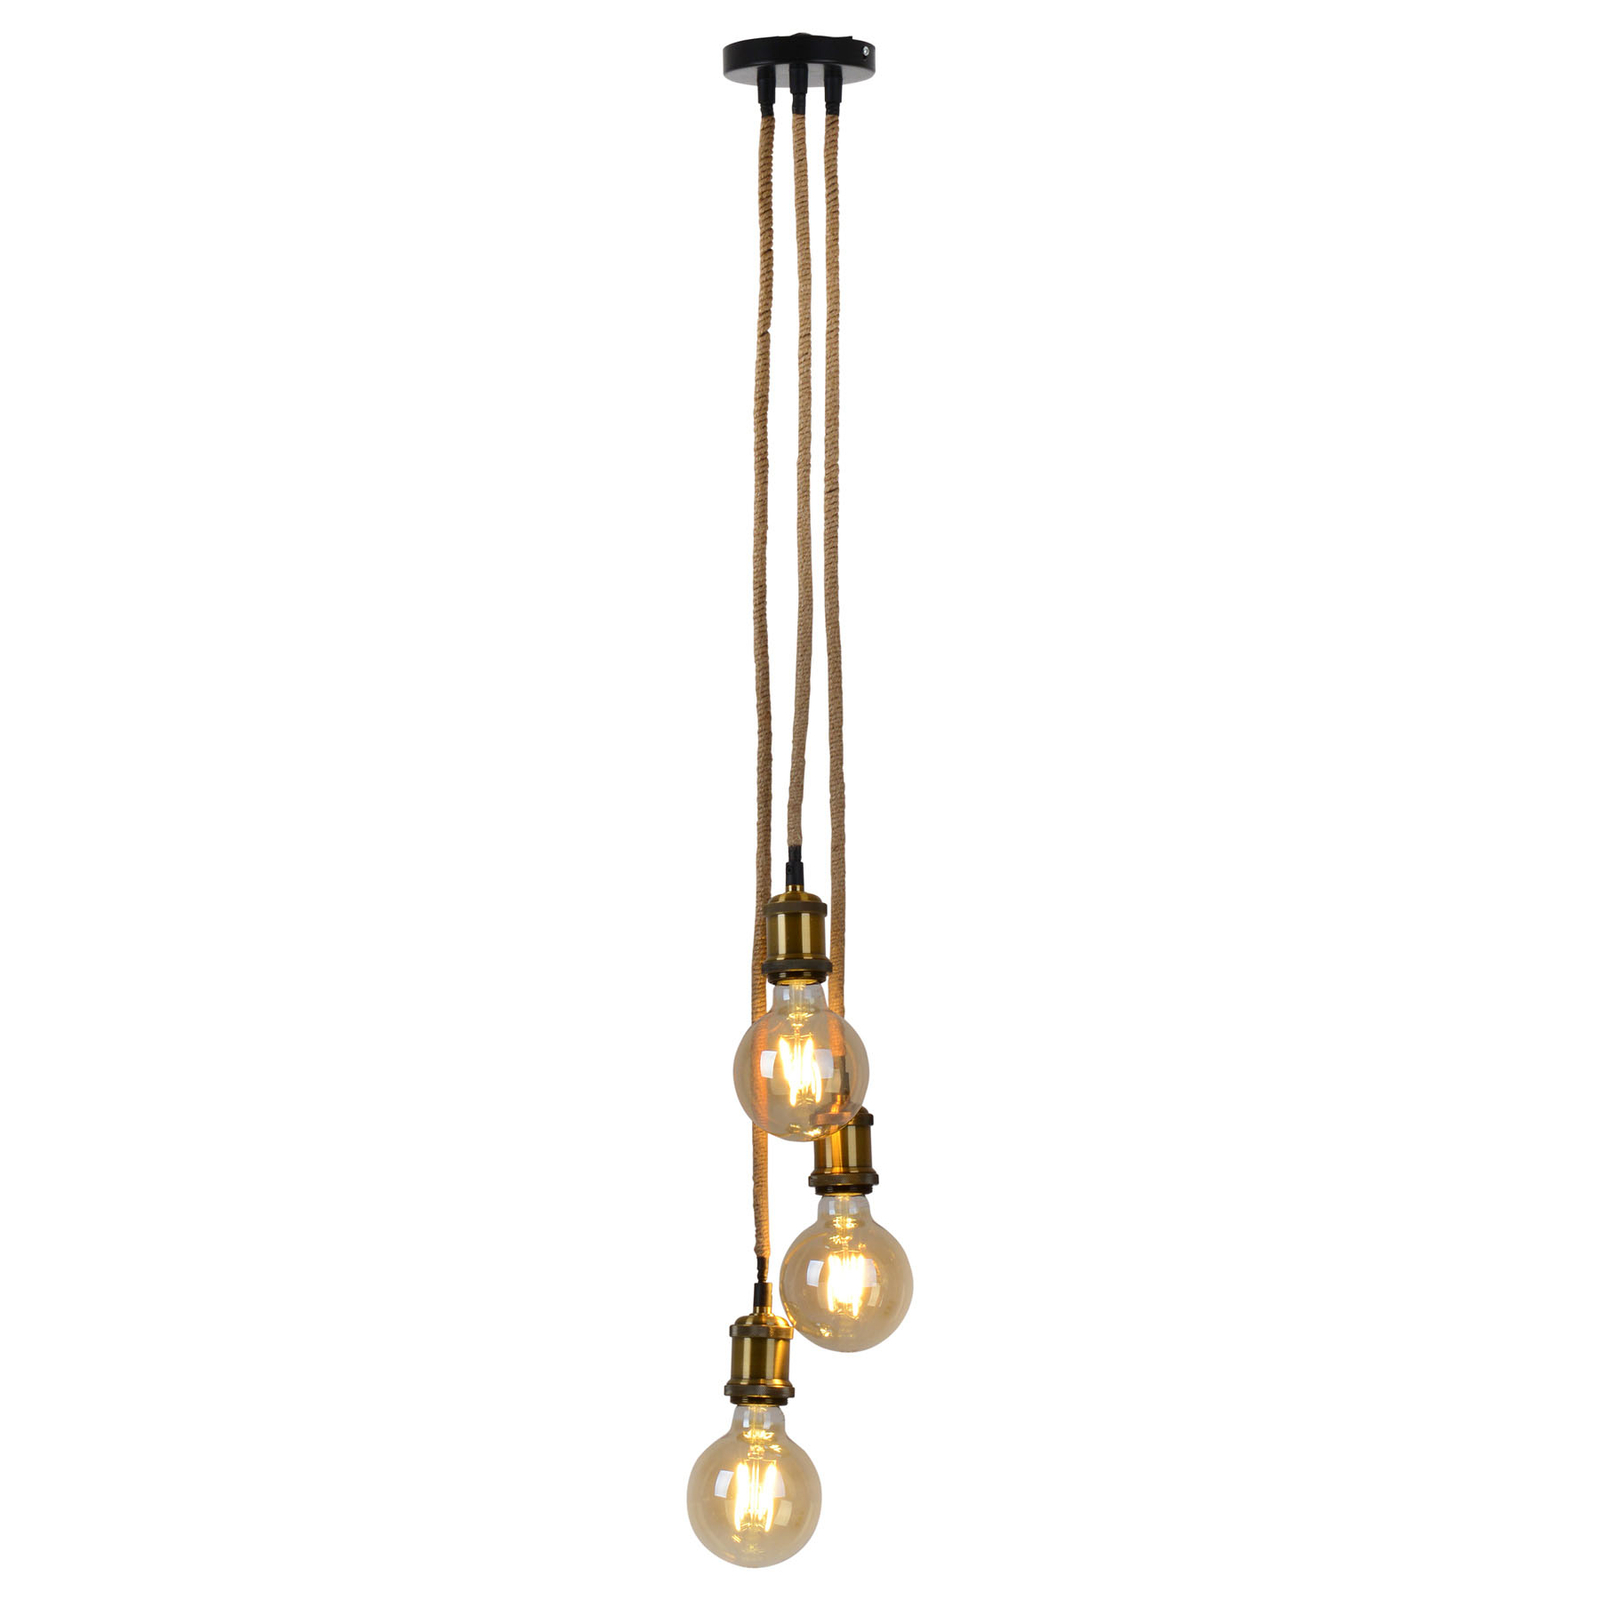 Ontario hængelampe, hampetov, 3 lyskilder